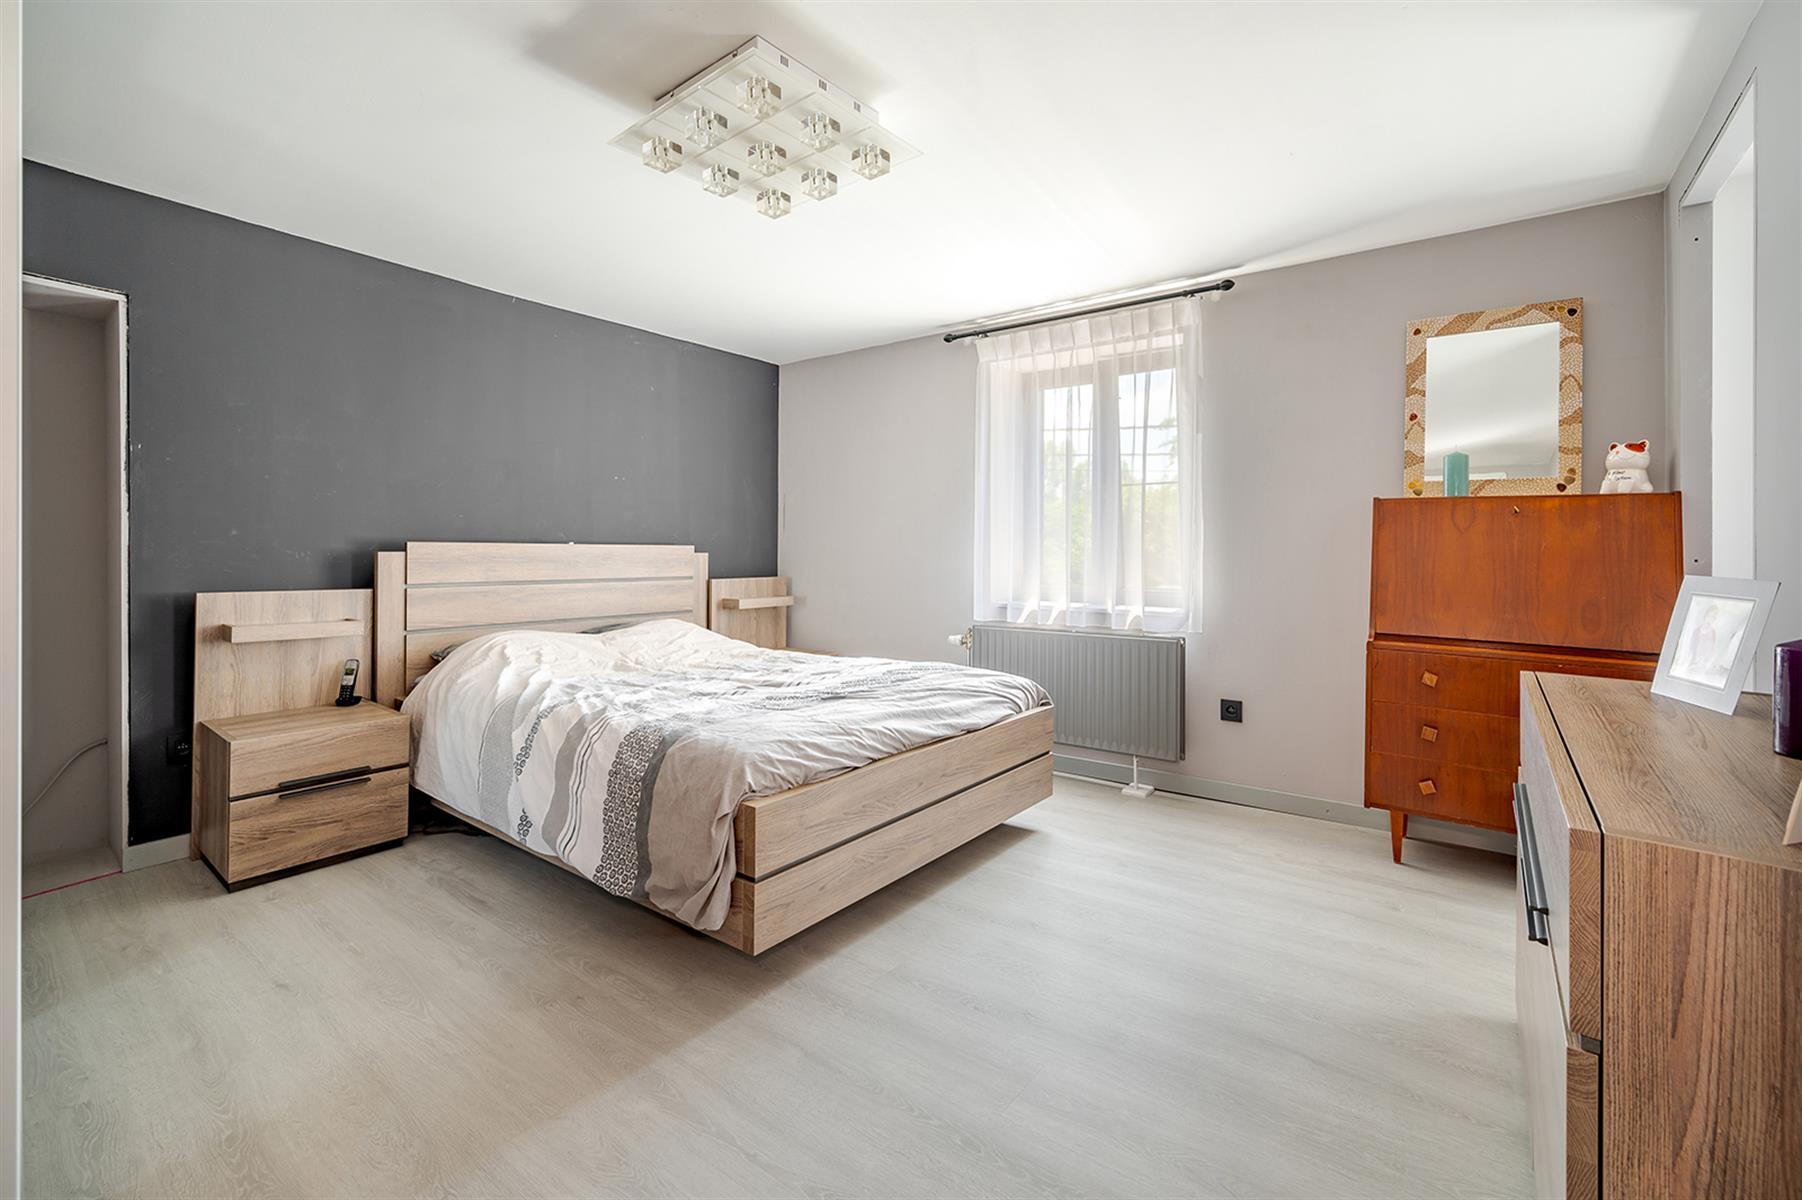 Maison - Villersle-Bouillet Warnant-Dreye - #4392377-12